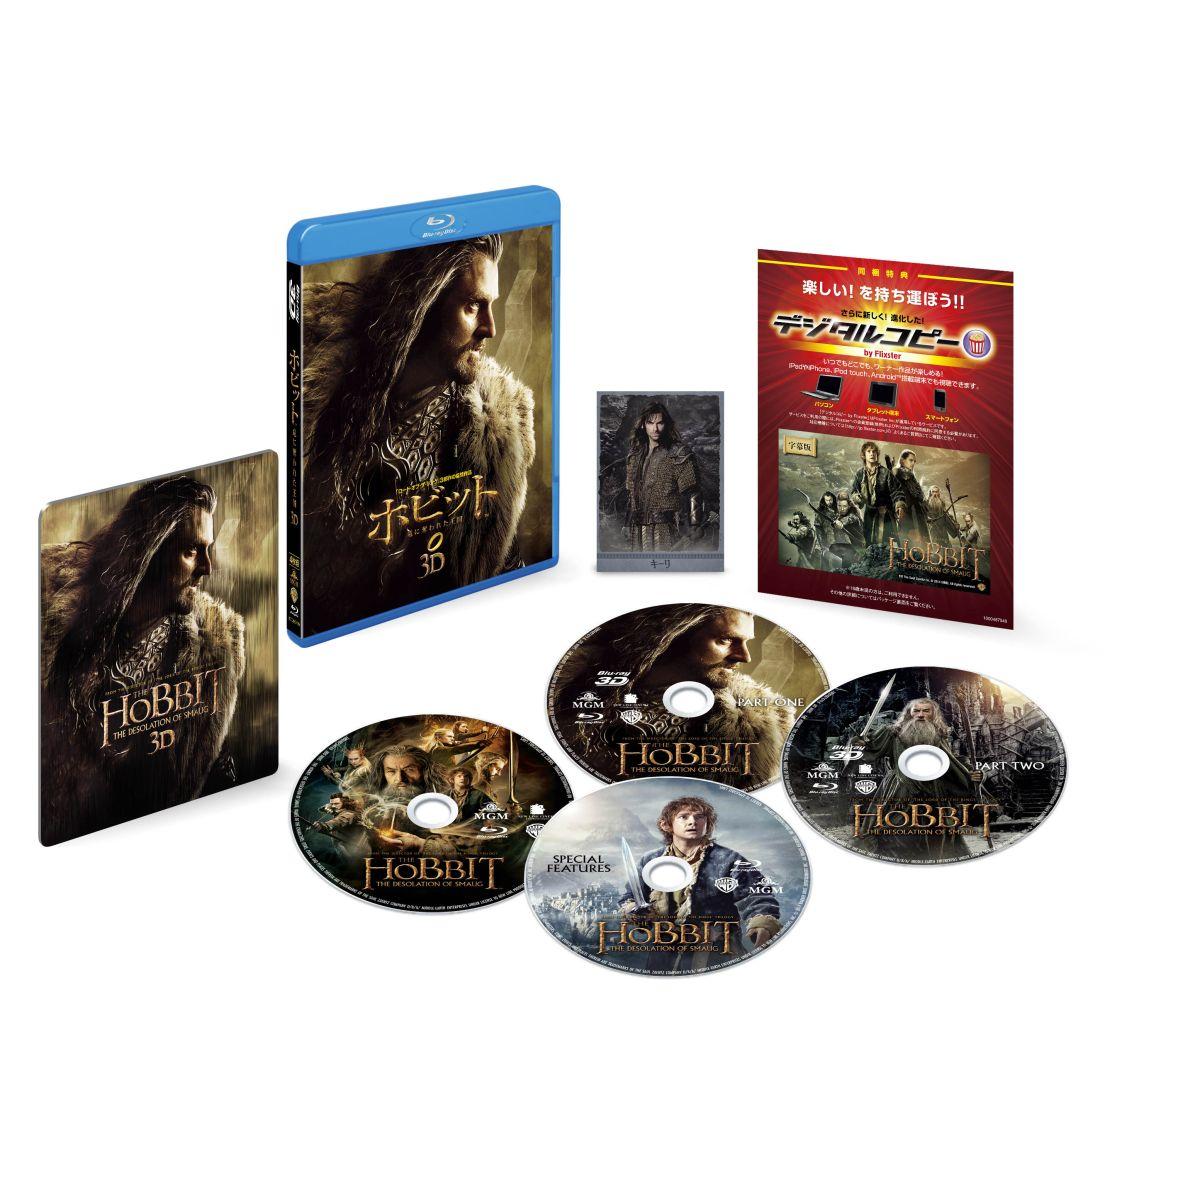 ホビット 竜に奪われた王国 3D&2D ブルーレイセット【初回限定生産】【Blu-ray】…...:book:16840299